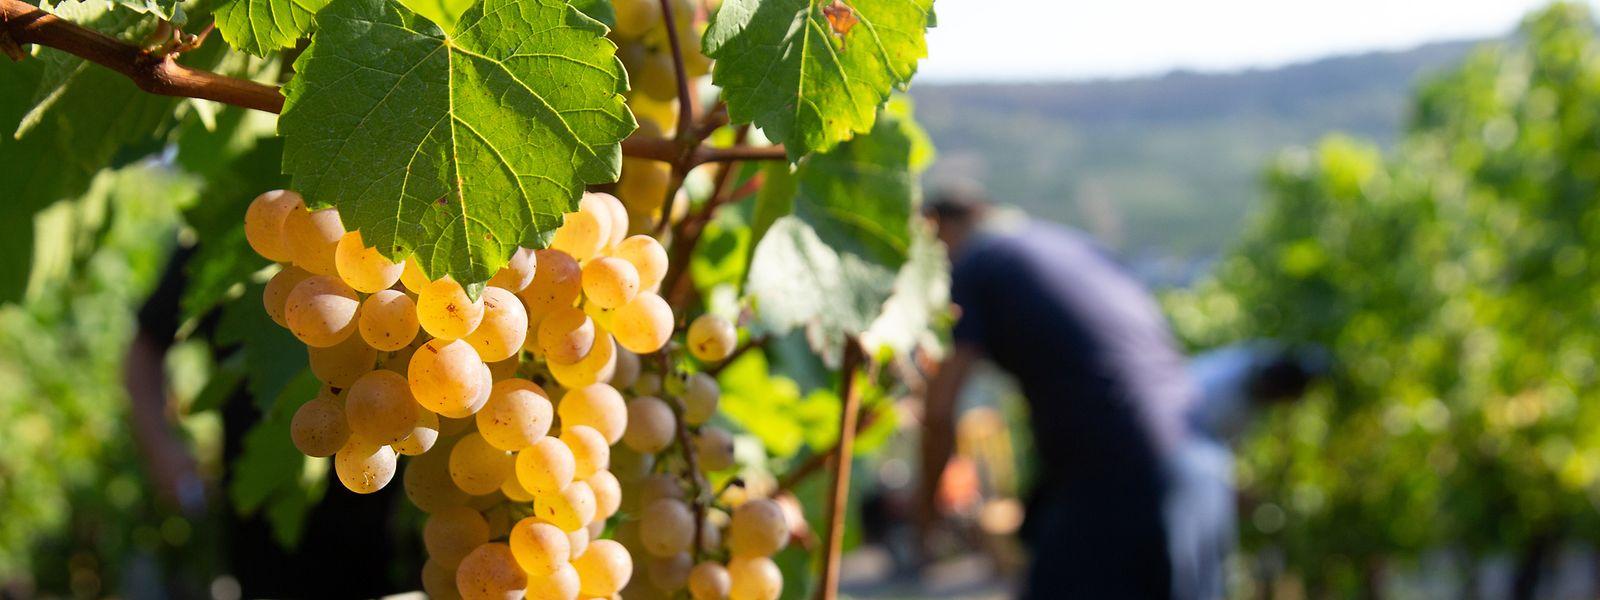 Die sich ändernden Bedingungen verlangen den Weinbauern immer mehr Flexibilität ab.